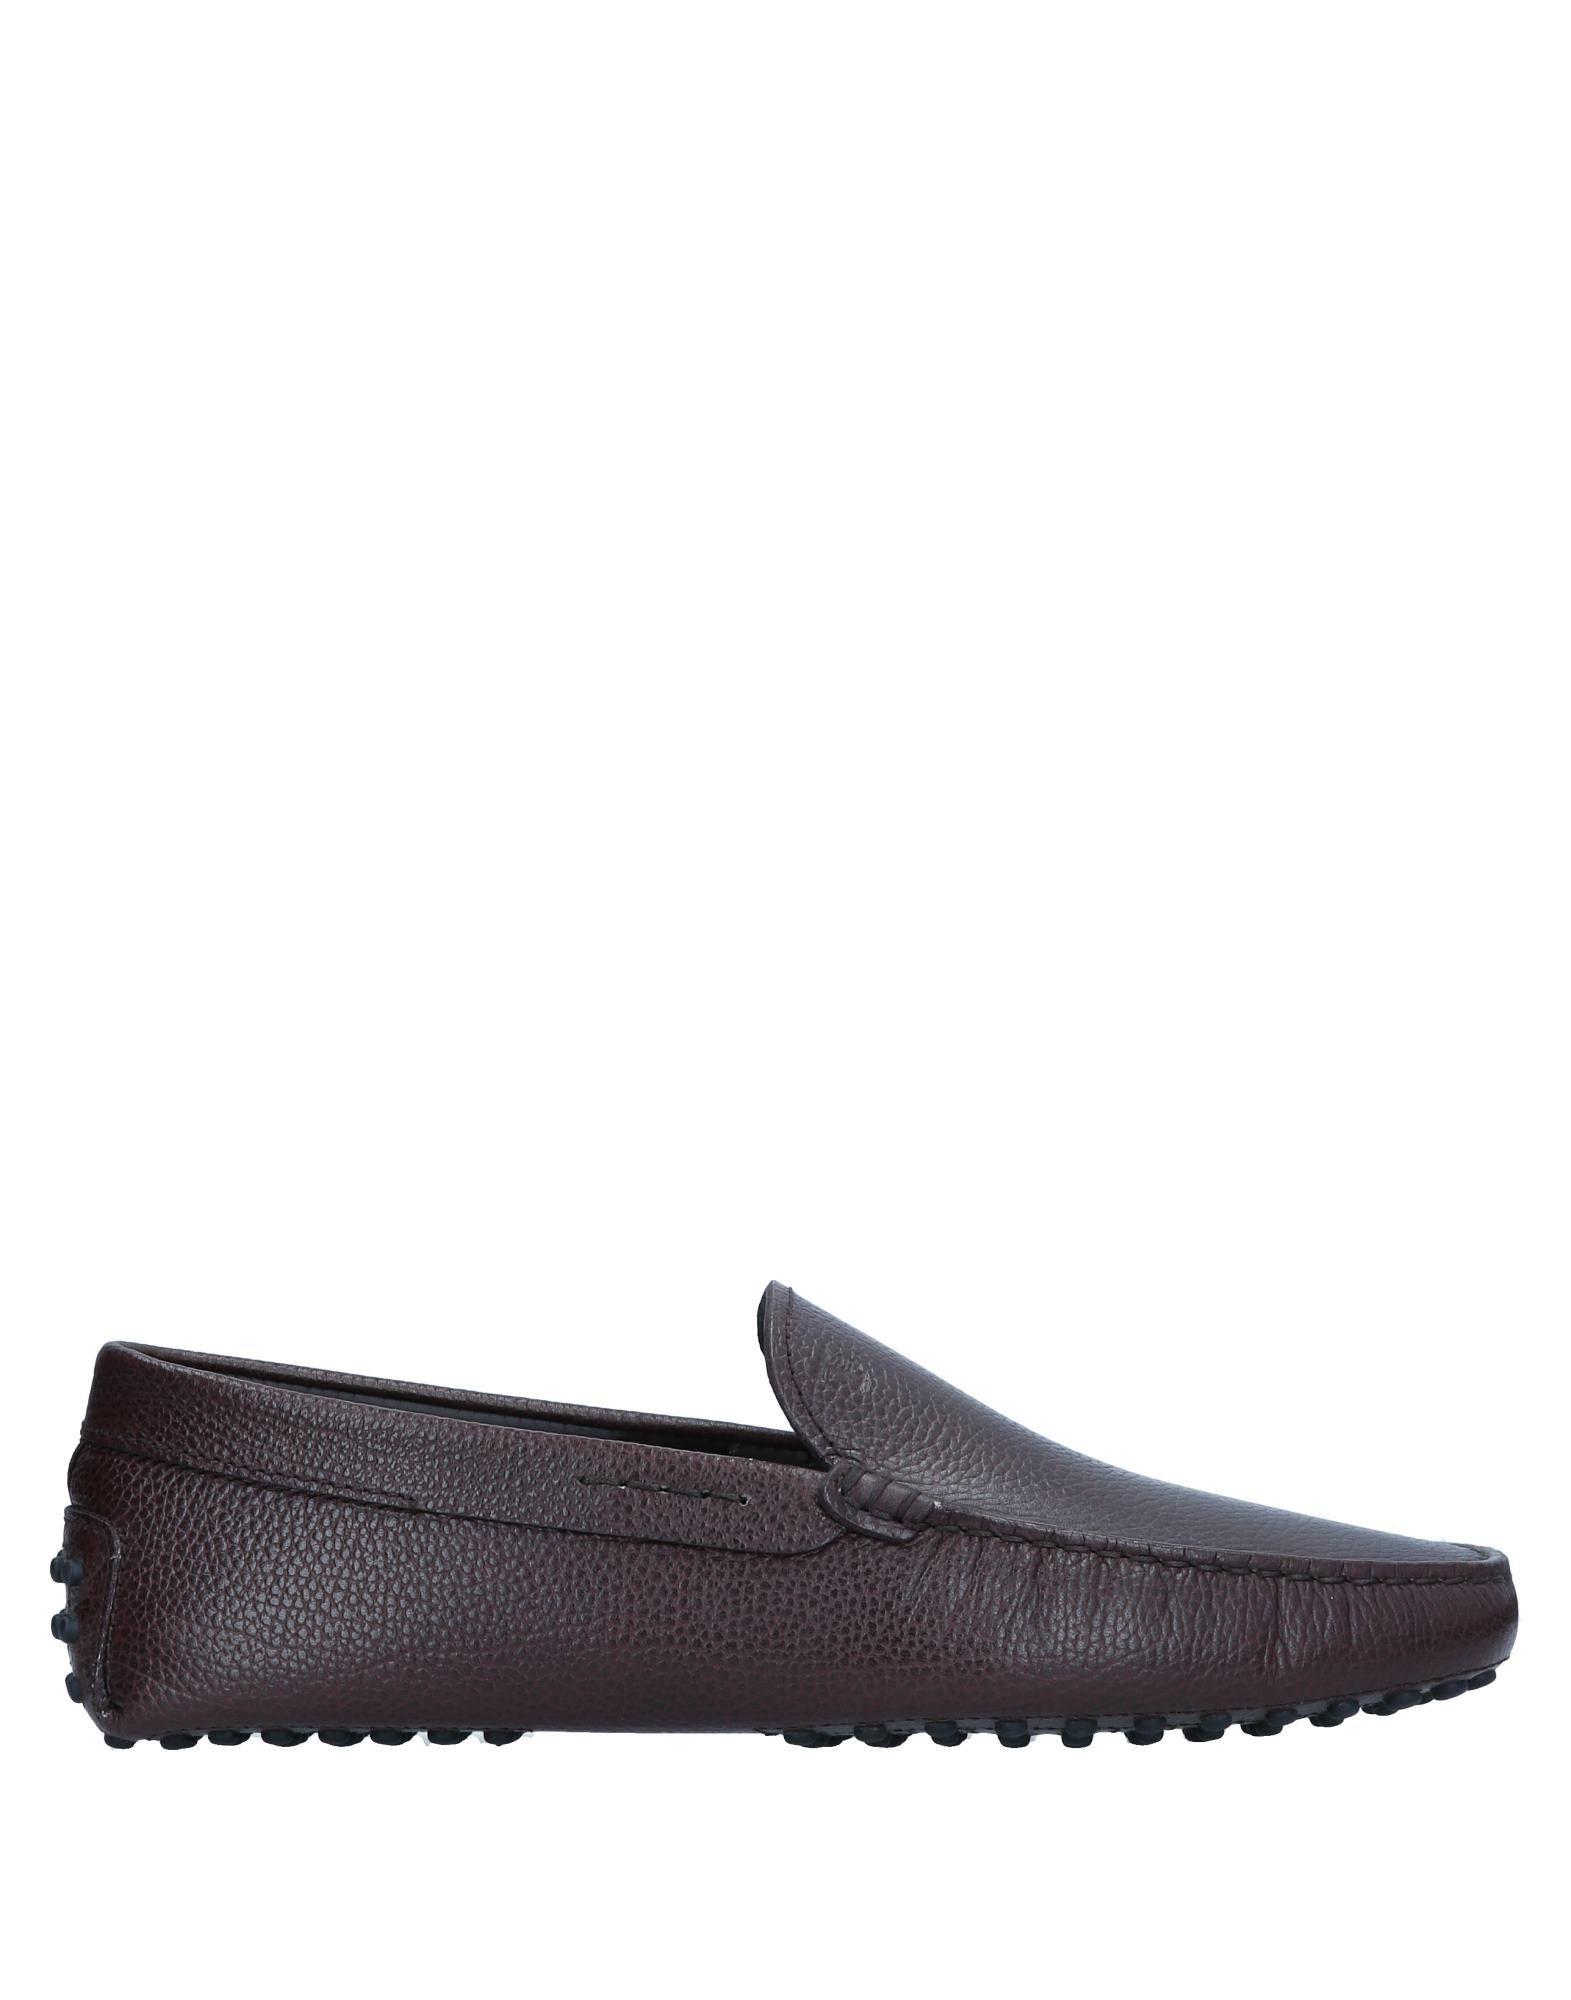 Tod's Gute Mokassins Herren  11548553JW Gute Tod's Qualität beliebte Schuhe 3eda4f